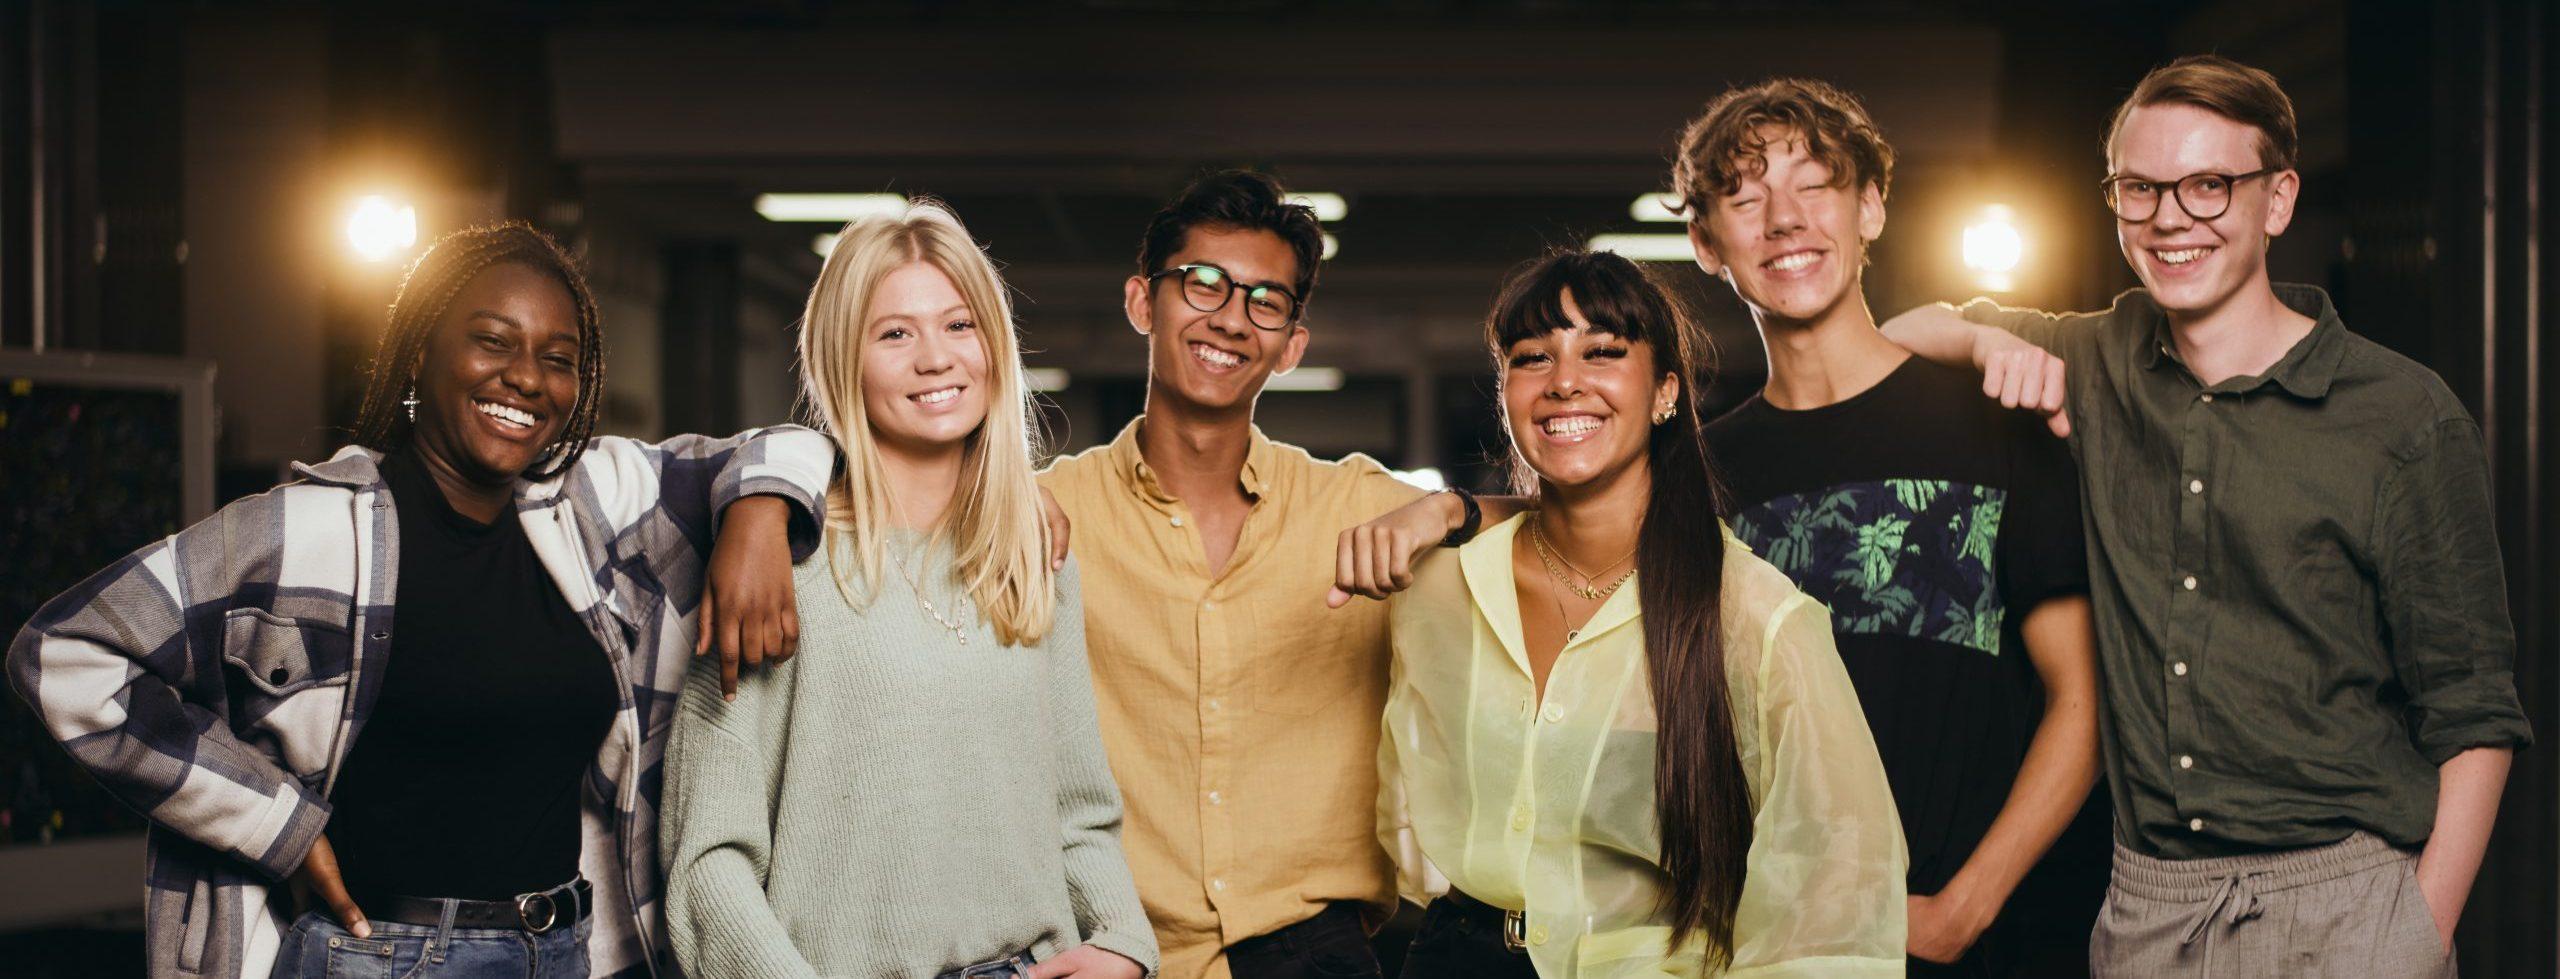 Sju elever står och håller armarna om varandra och kollar glatt in i kameran.